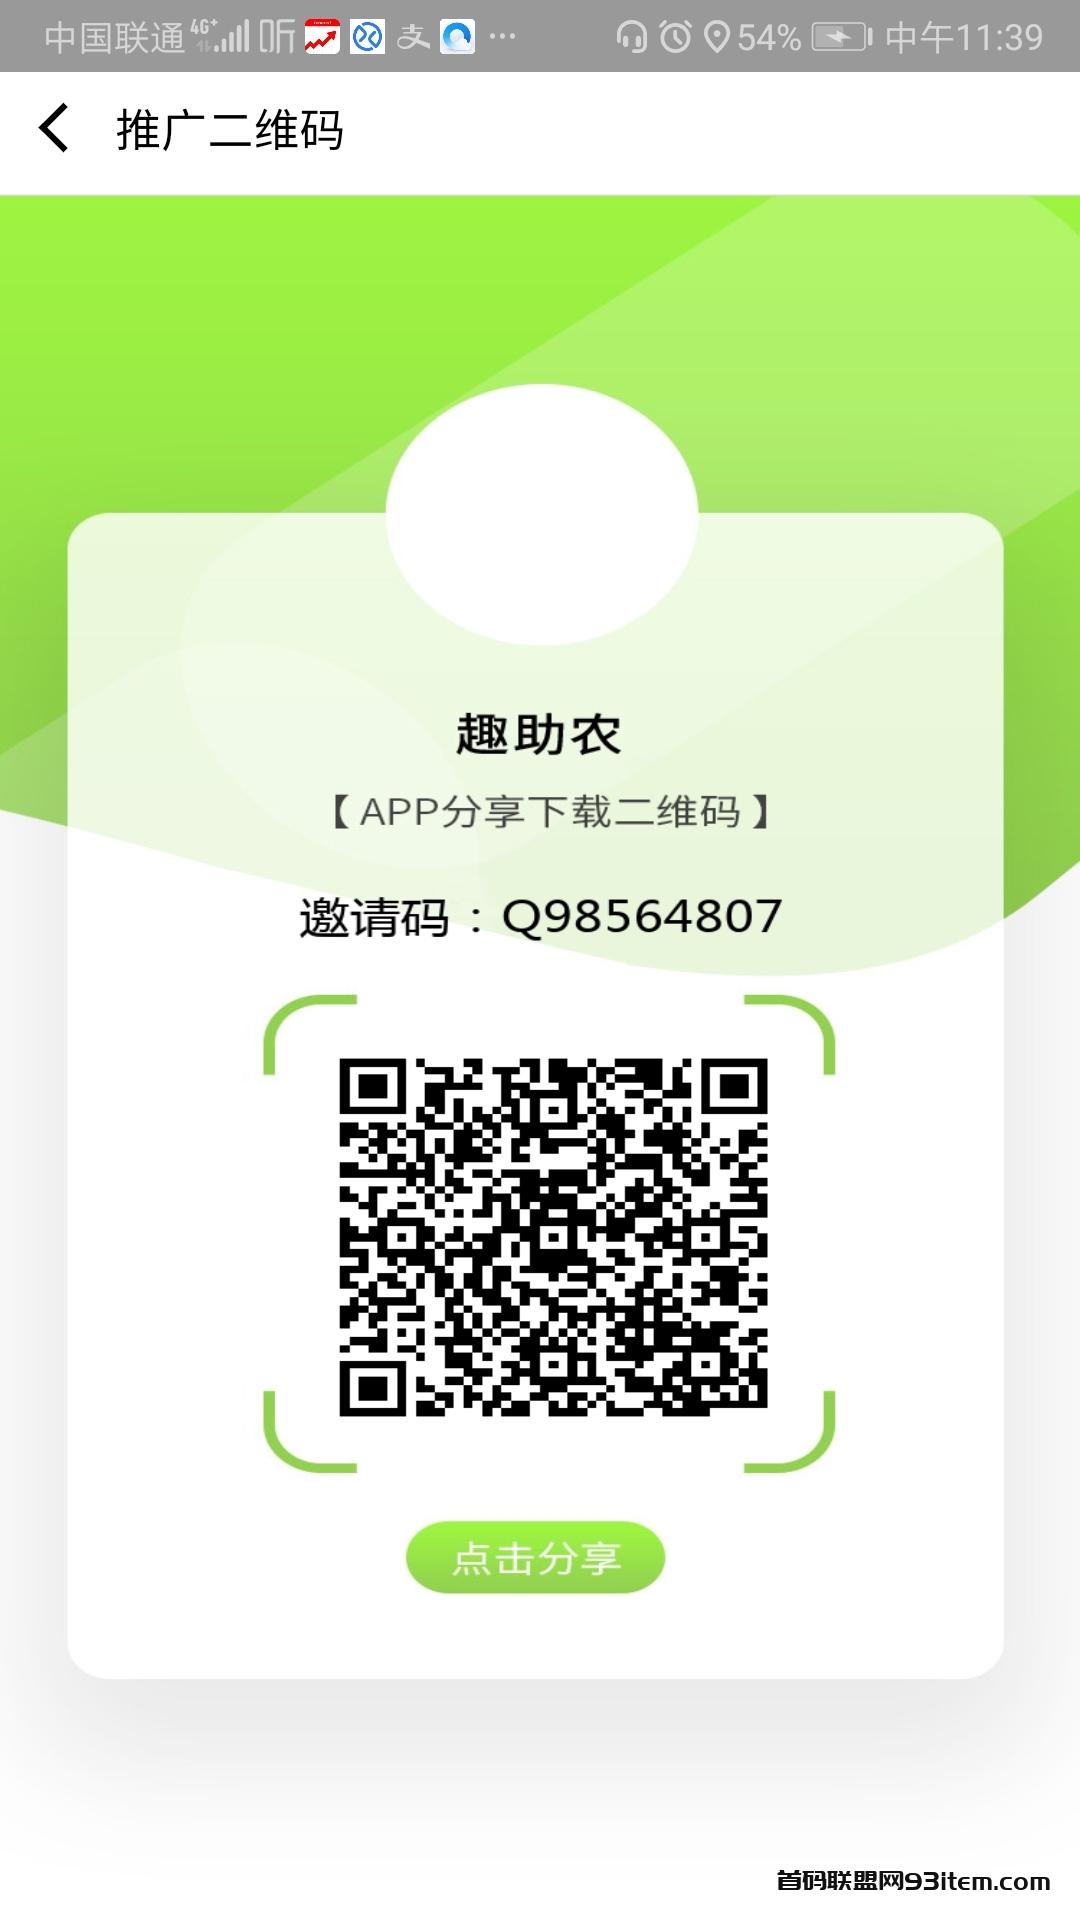 Screenshot_20200817_113940_com.k792515195.gus